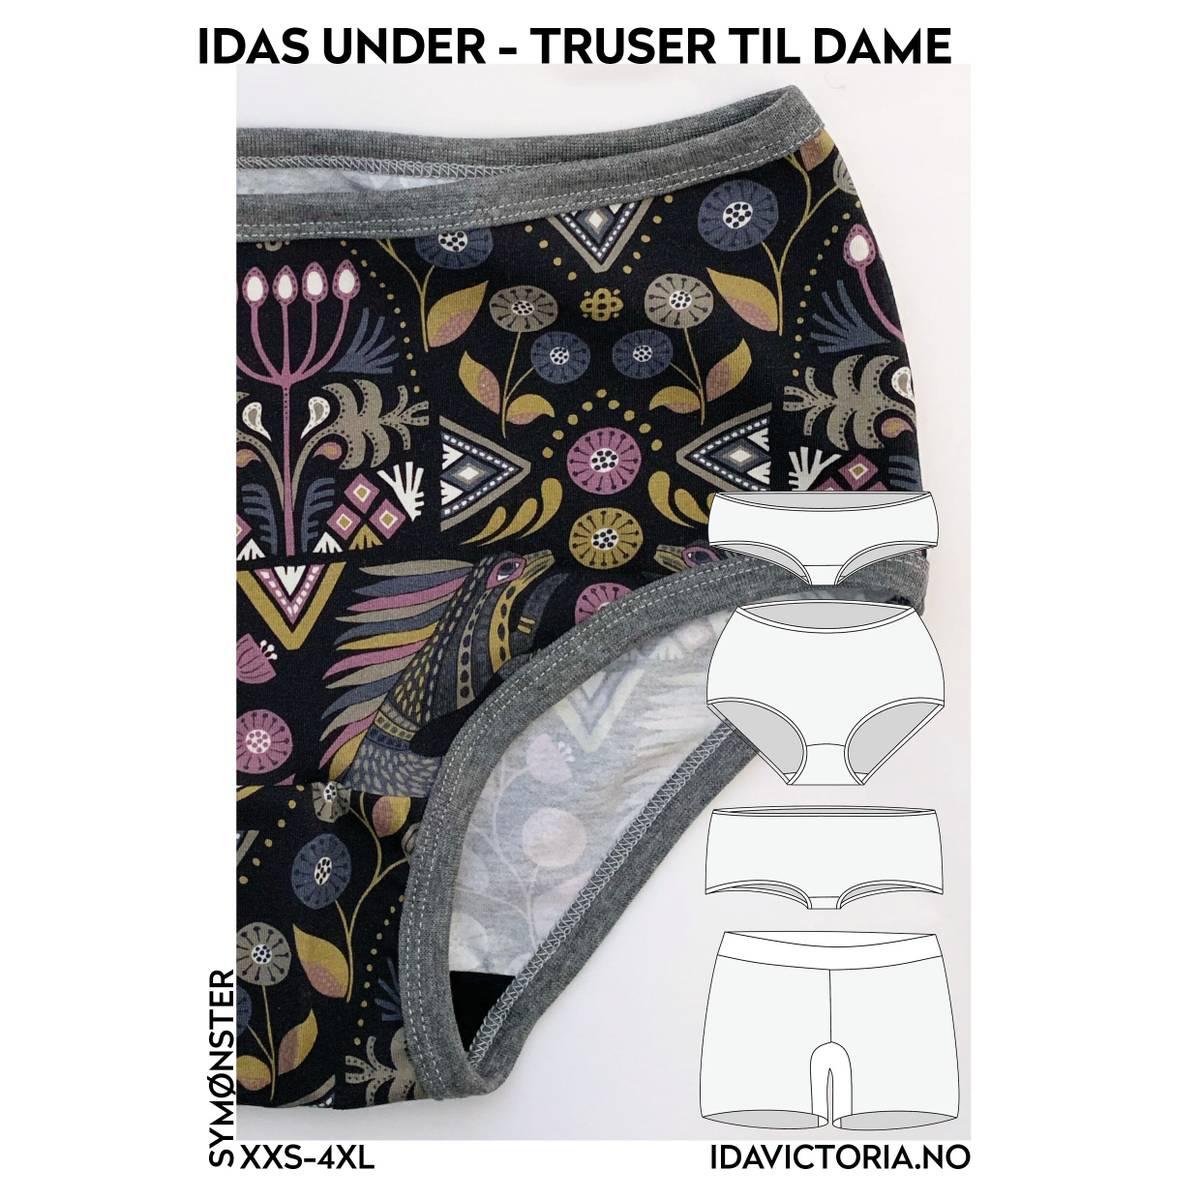 Ida Victoria, Idas under - truser til dame